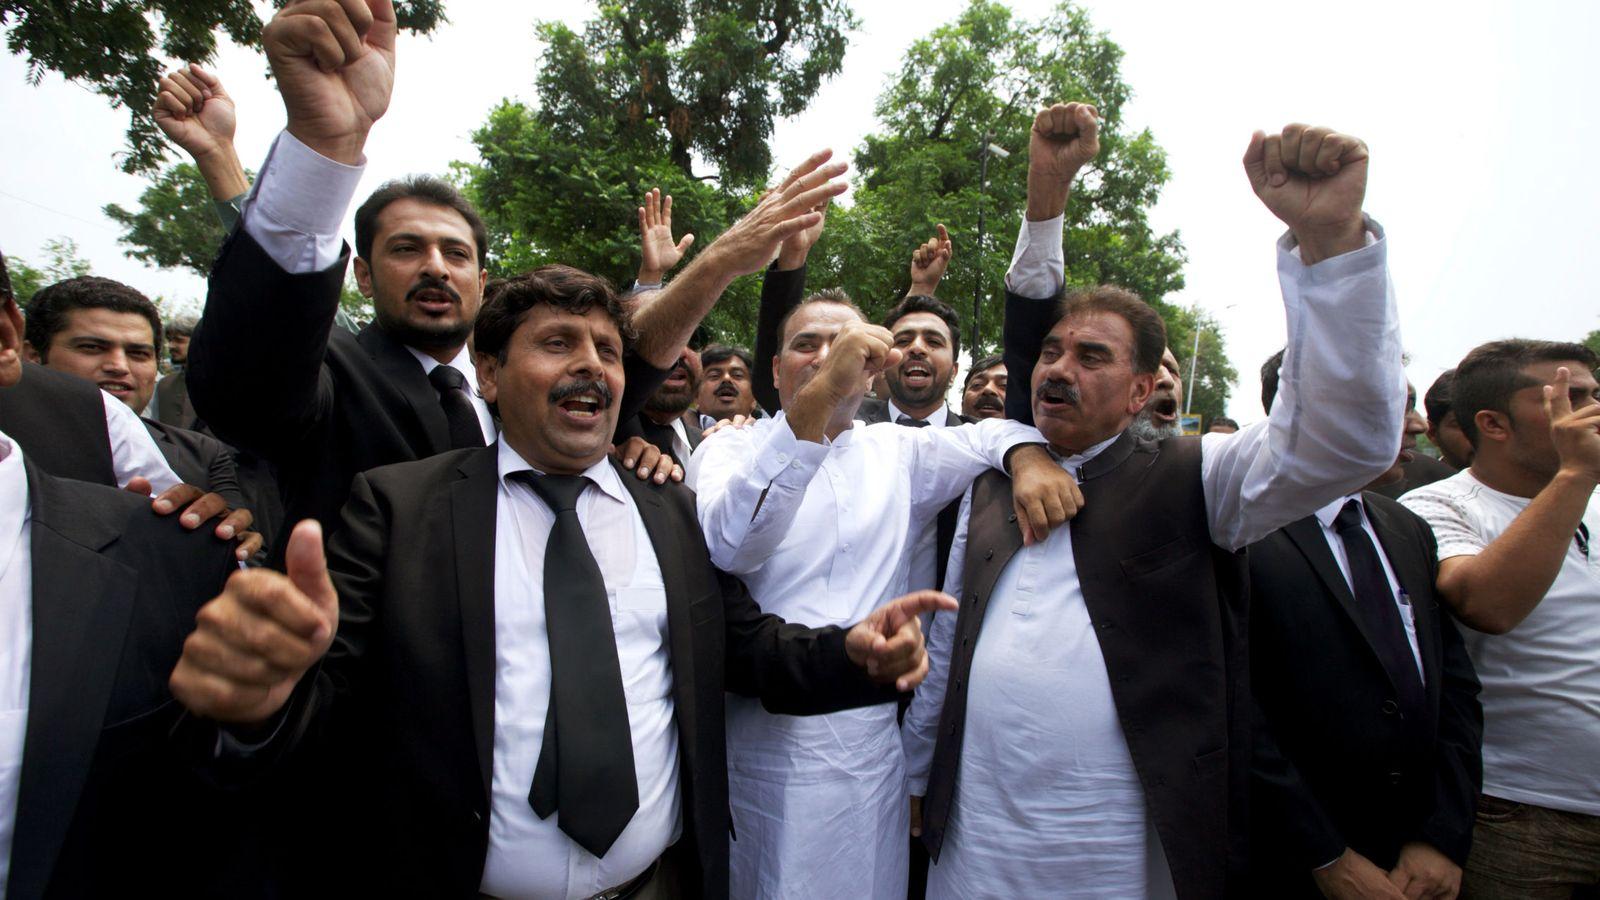 Foto: Una multitud entona lemas de protesta contra el primer ministro ante el Tribunal Supremo, Islamabad. (Reuters)